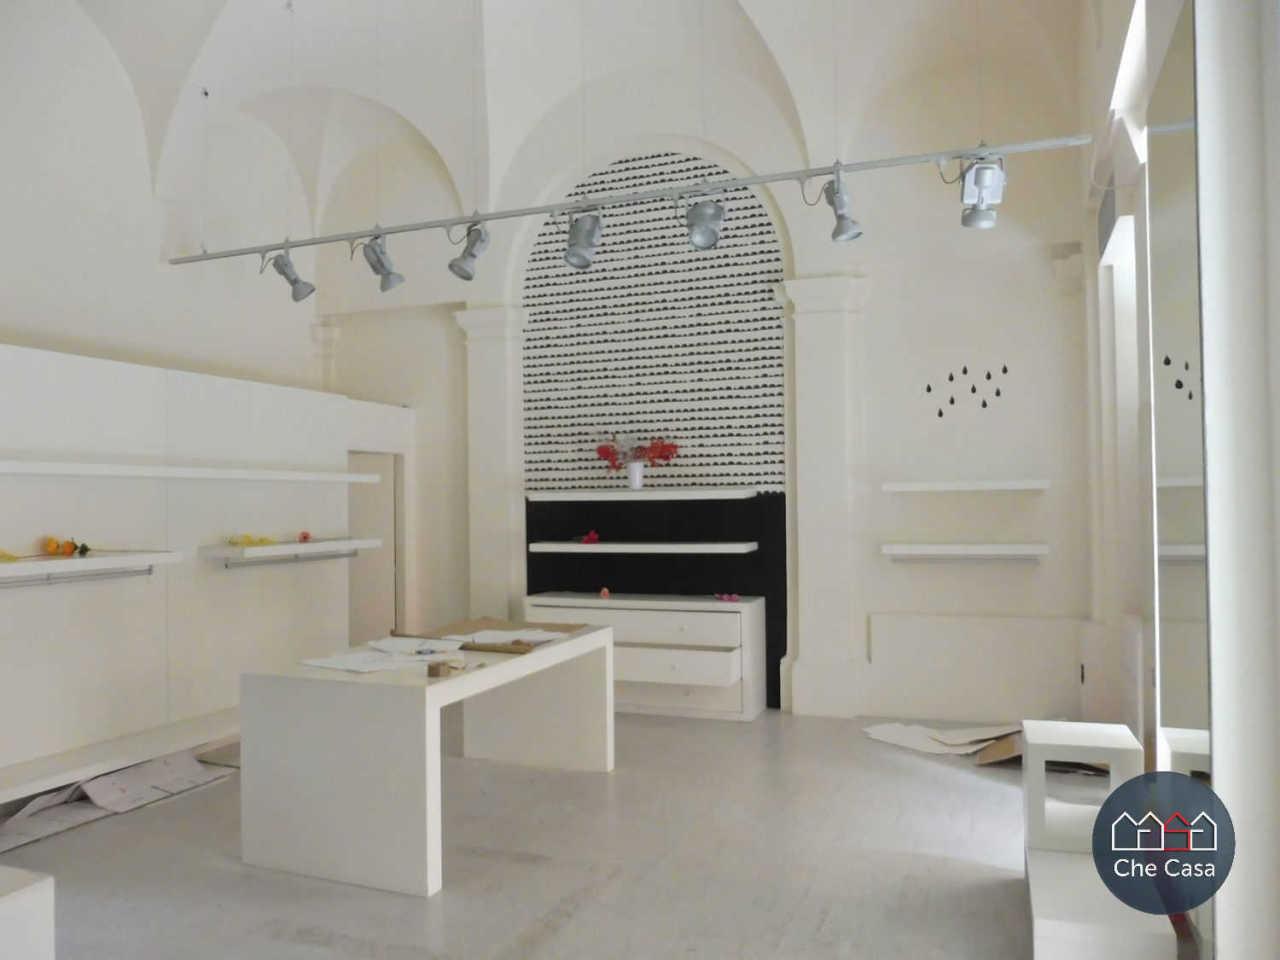 Locale commerciale - 2 Vetrine a Centro storico, Cesena